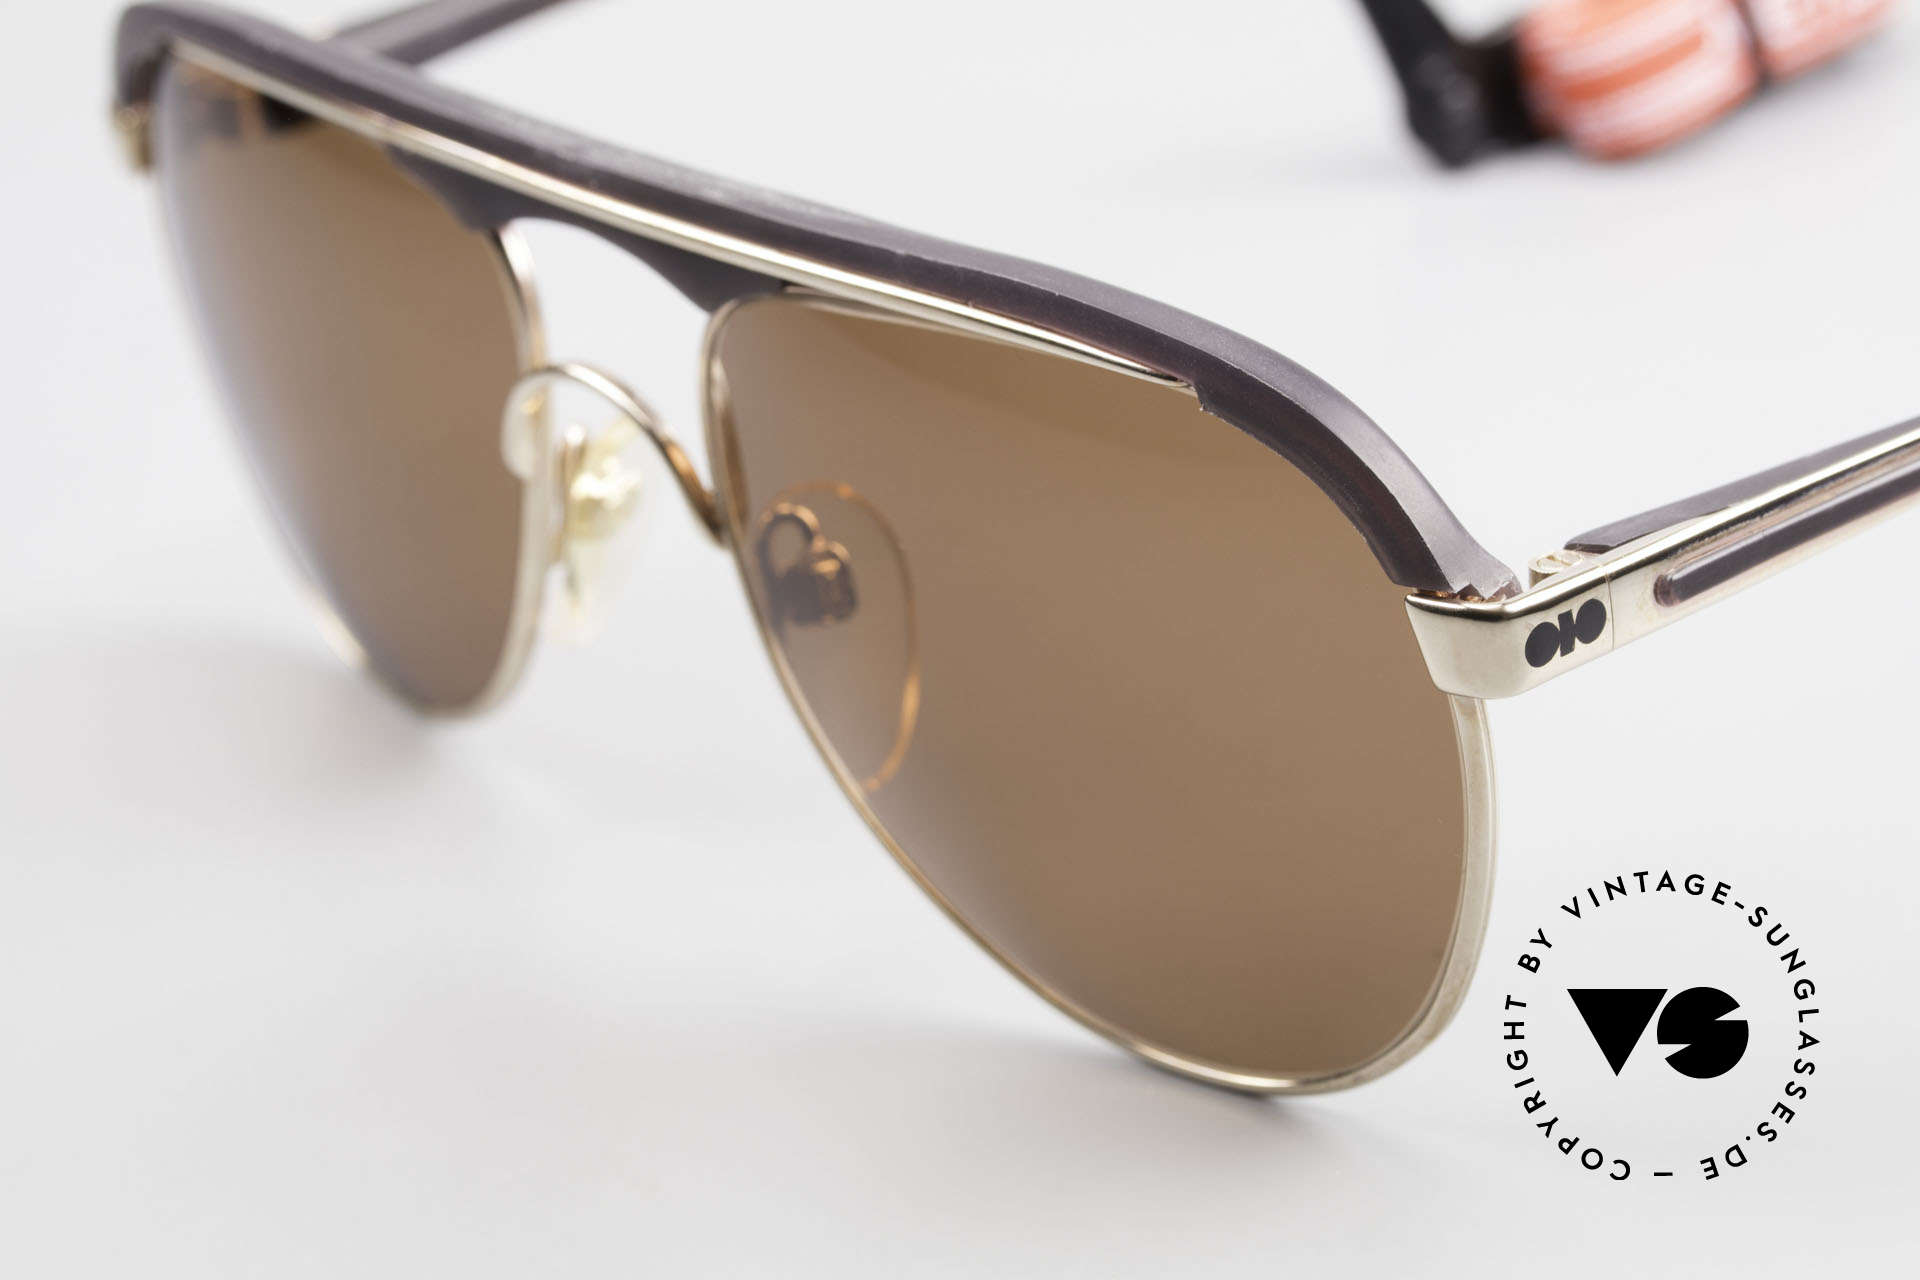 Metzler 0250 Echt 80er Sportsonnenbrille, ungetragen (wie alle unsere alten METZLER Brillen), Passend für Herren